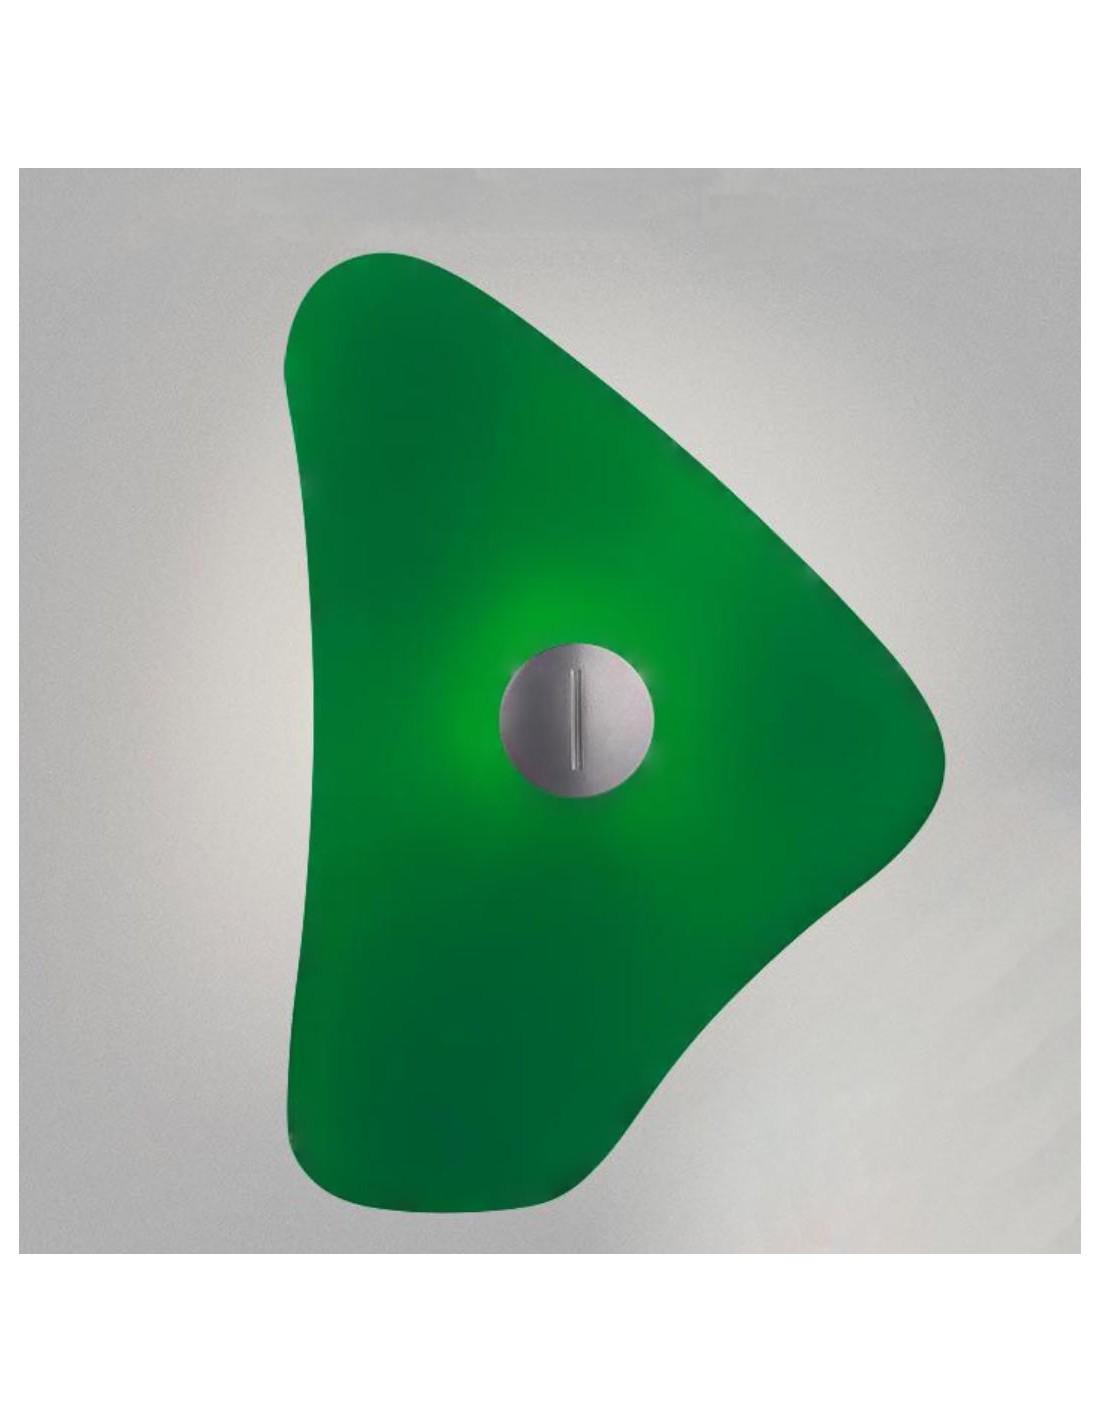 Applique murale bit 4 vert de Ferruccio Laviani pour la marque Foscarini chez Valente Design